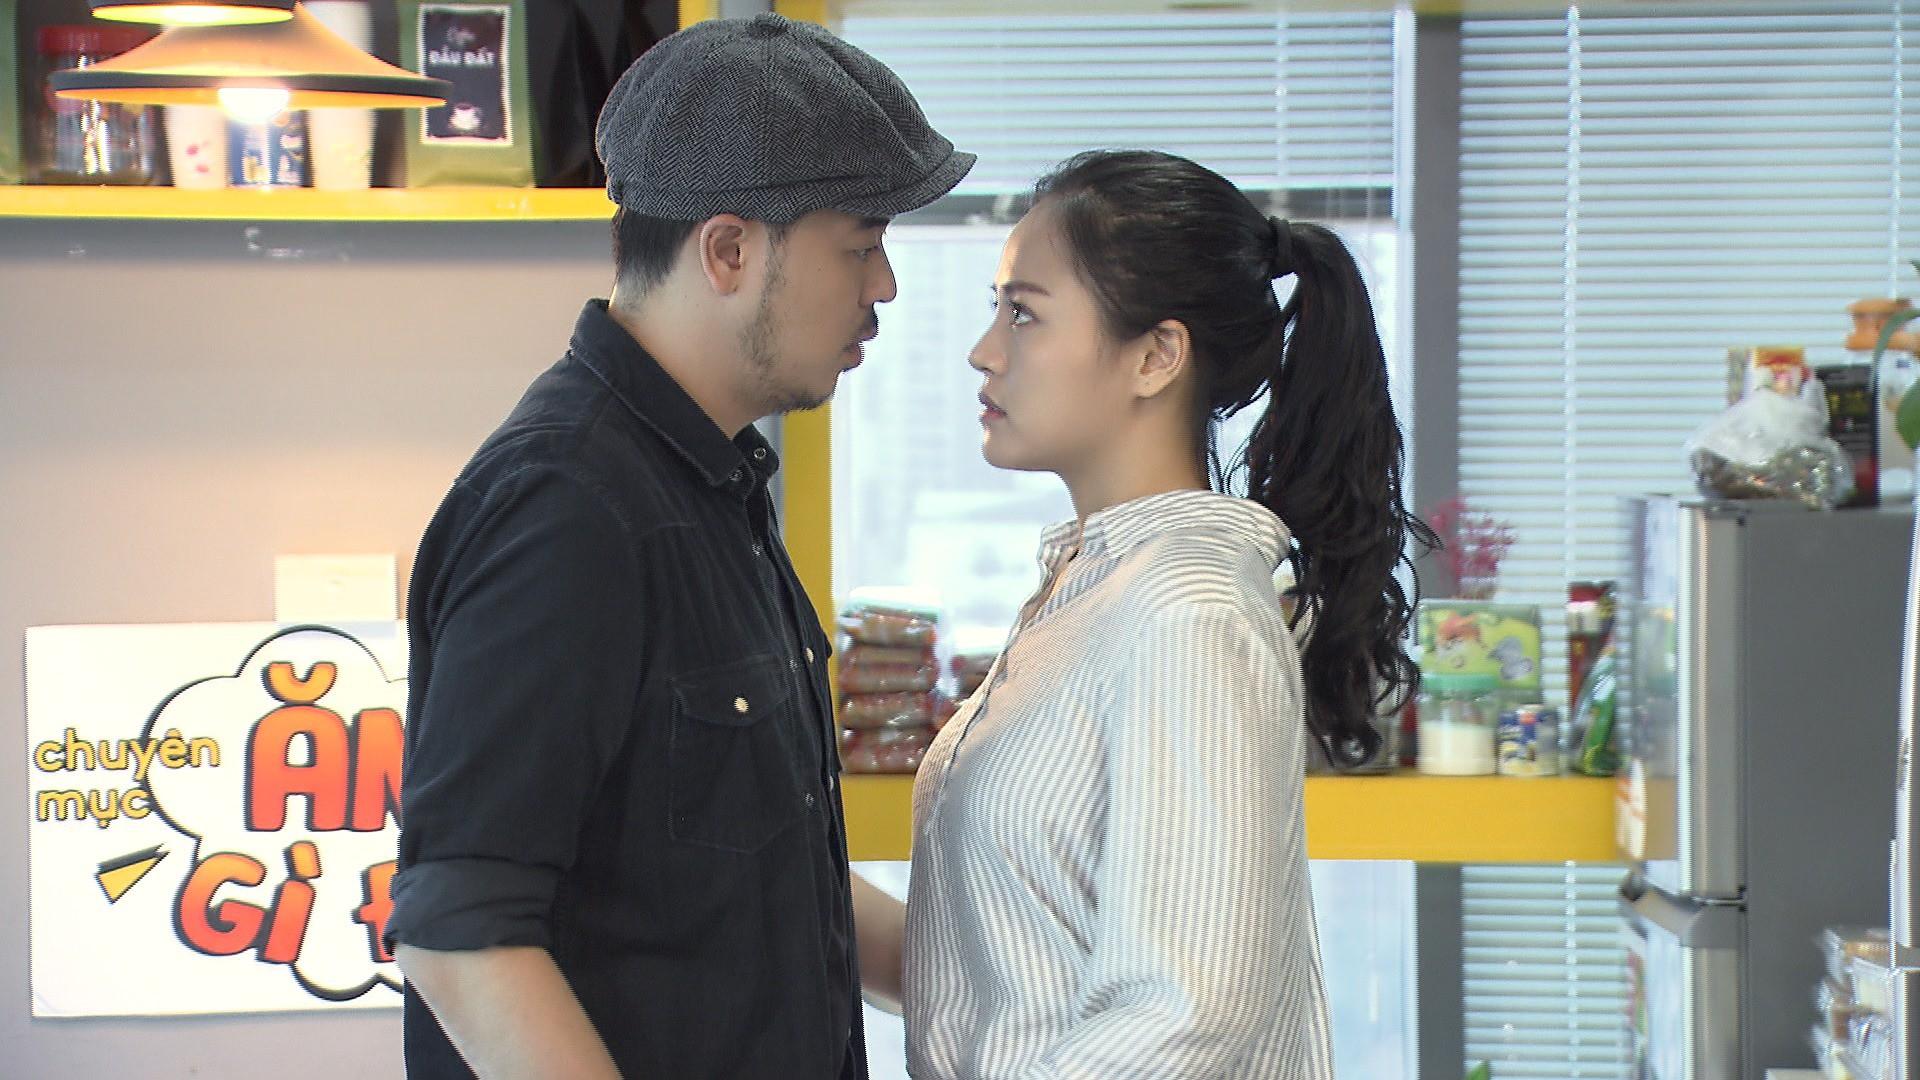 Hình ảnh hé lộ ông Quốc sắp hôn chị Huệ đến nơi mà tất cả những gì Thu Quỳnh quan tâm chỉ là... cái nọng cằm - Ảnh 1.